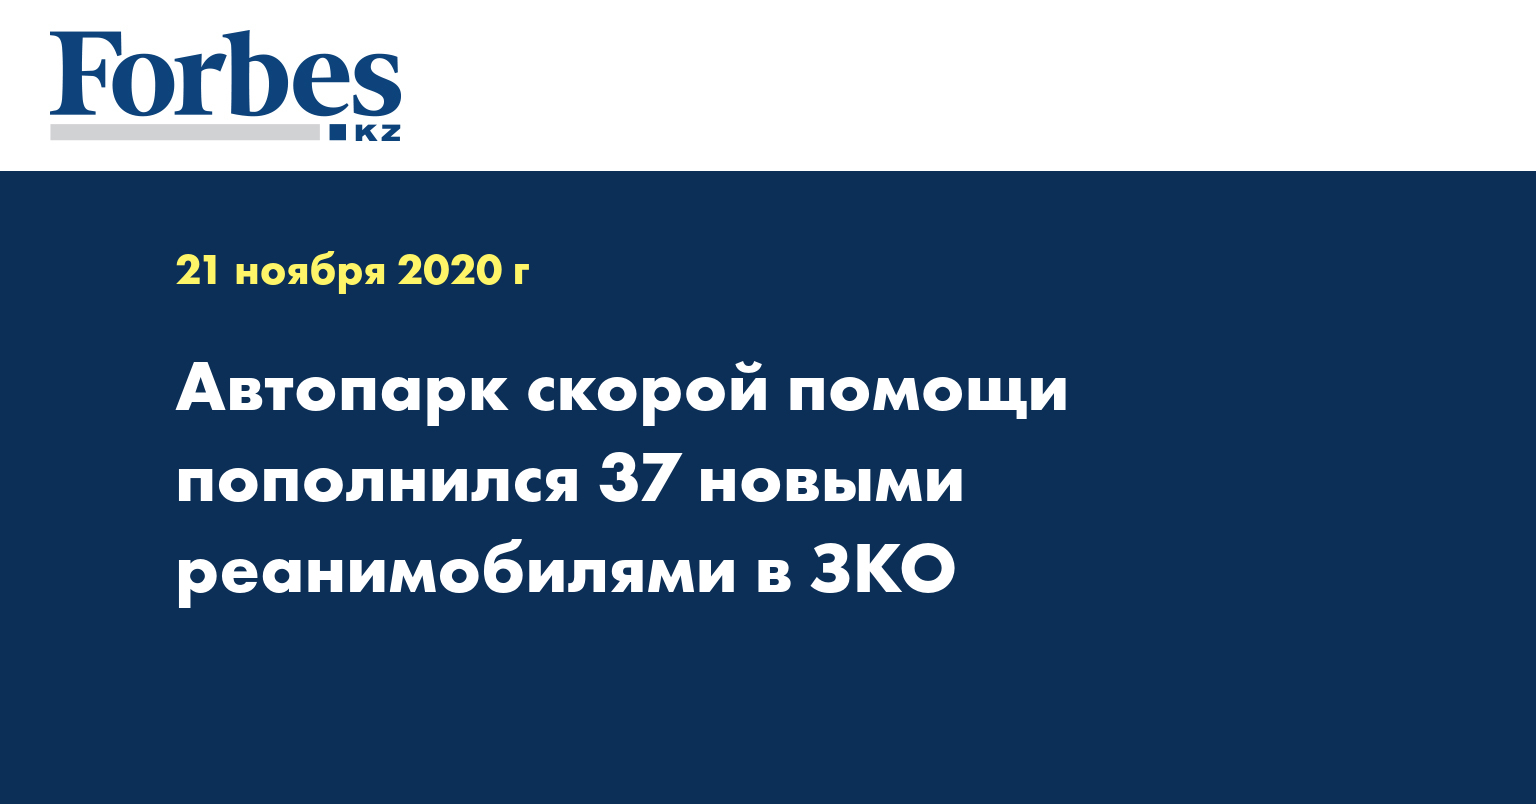 Автопарк скорой помощи пополнился 37 новыми реанимобилями в ЗКО